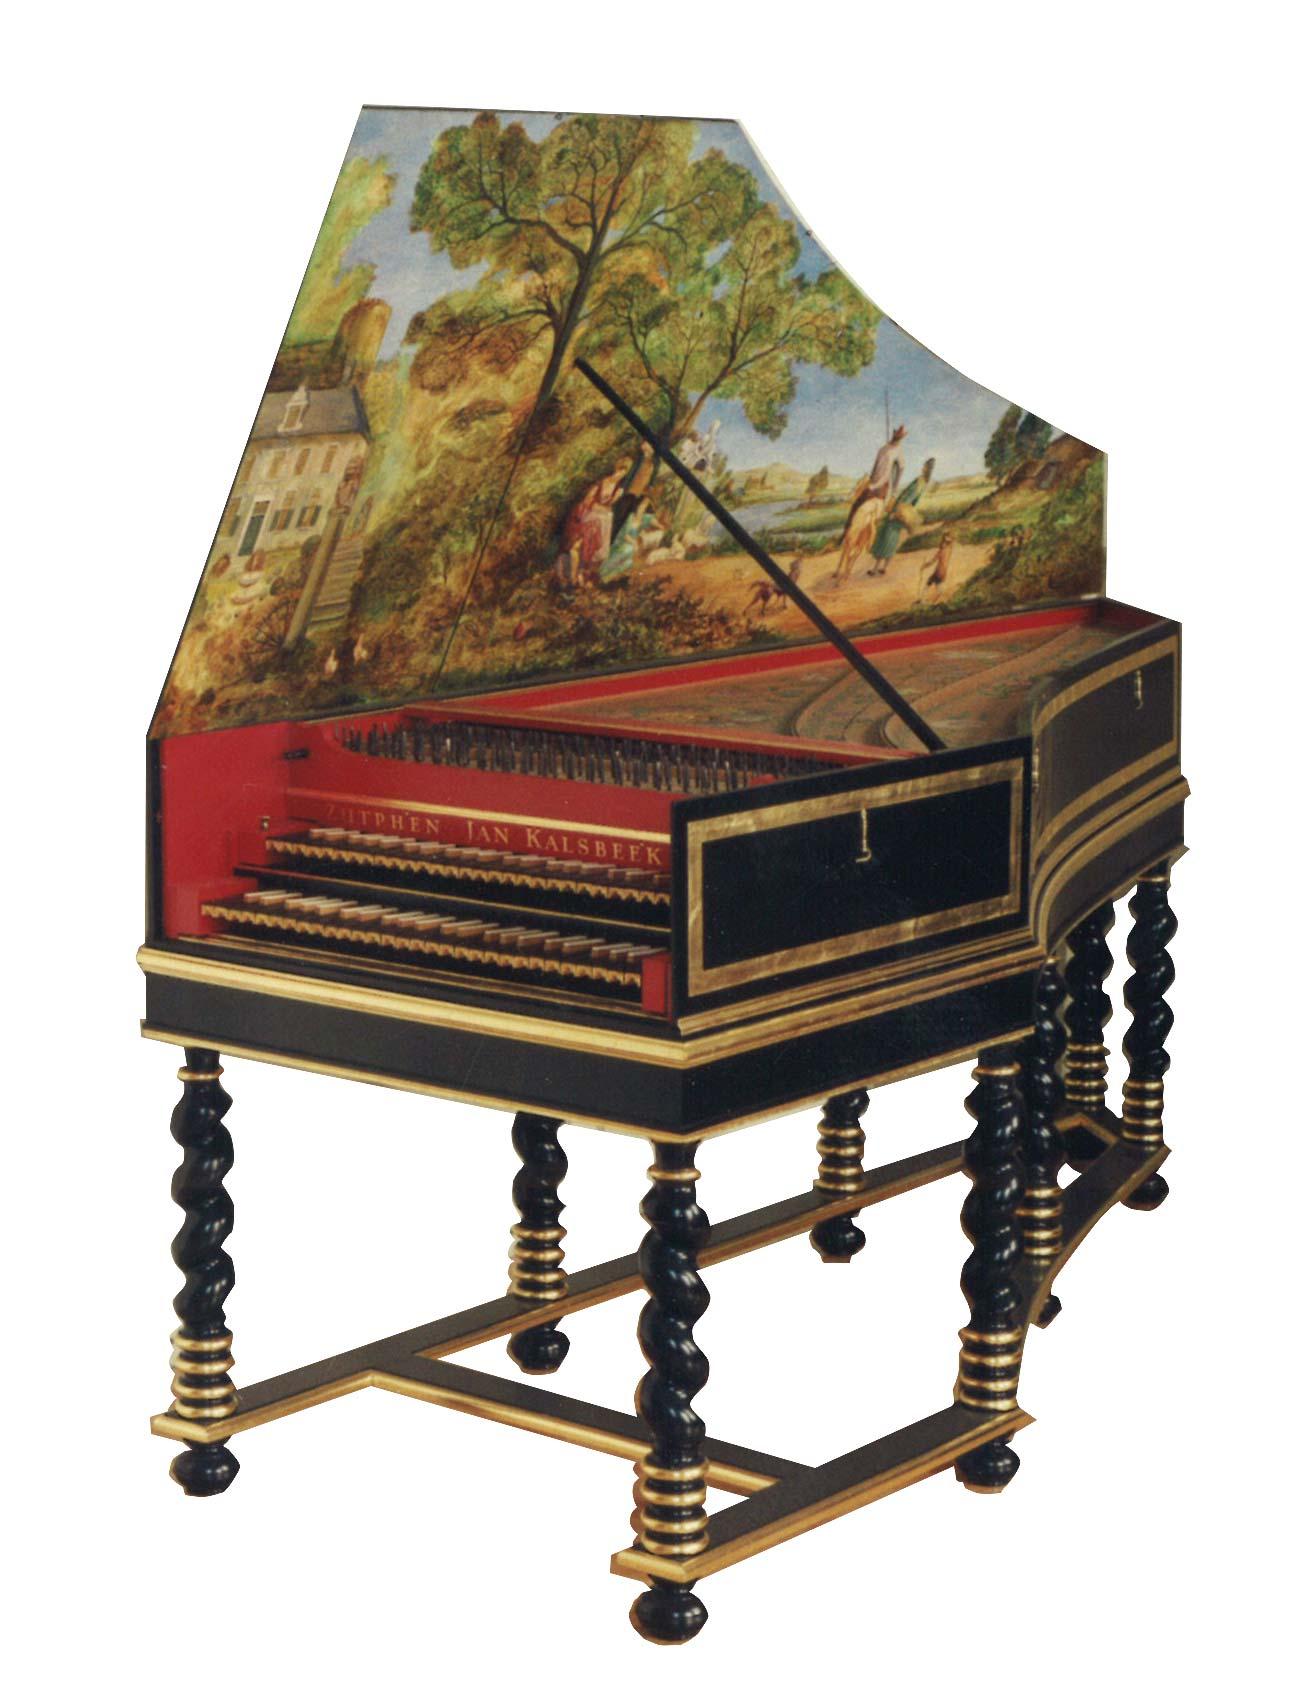 Denis harpsichord made by Jan Kalsbeek